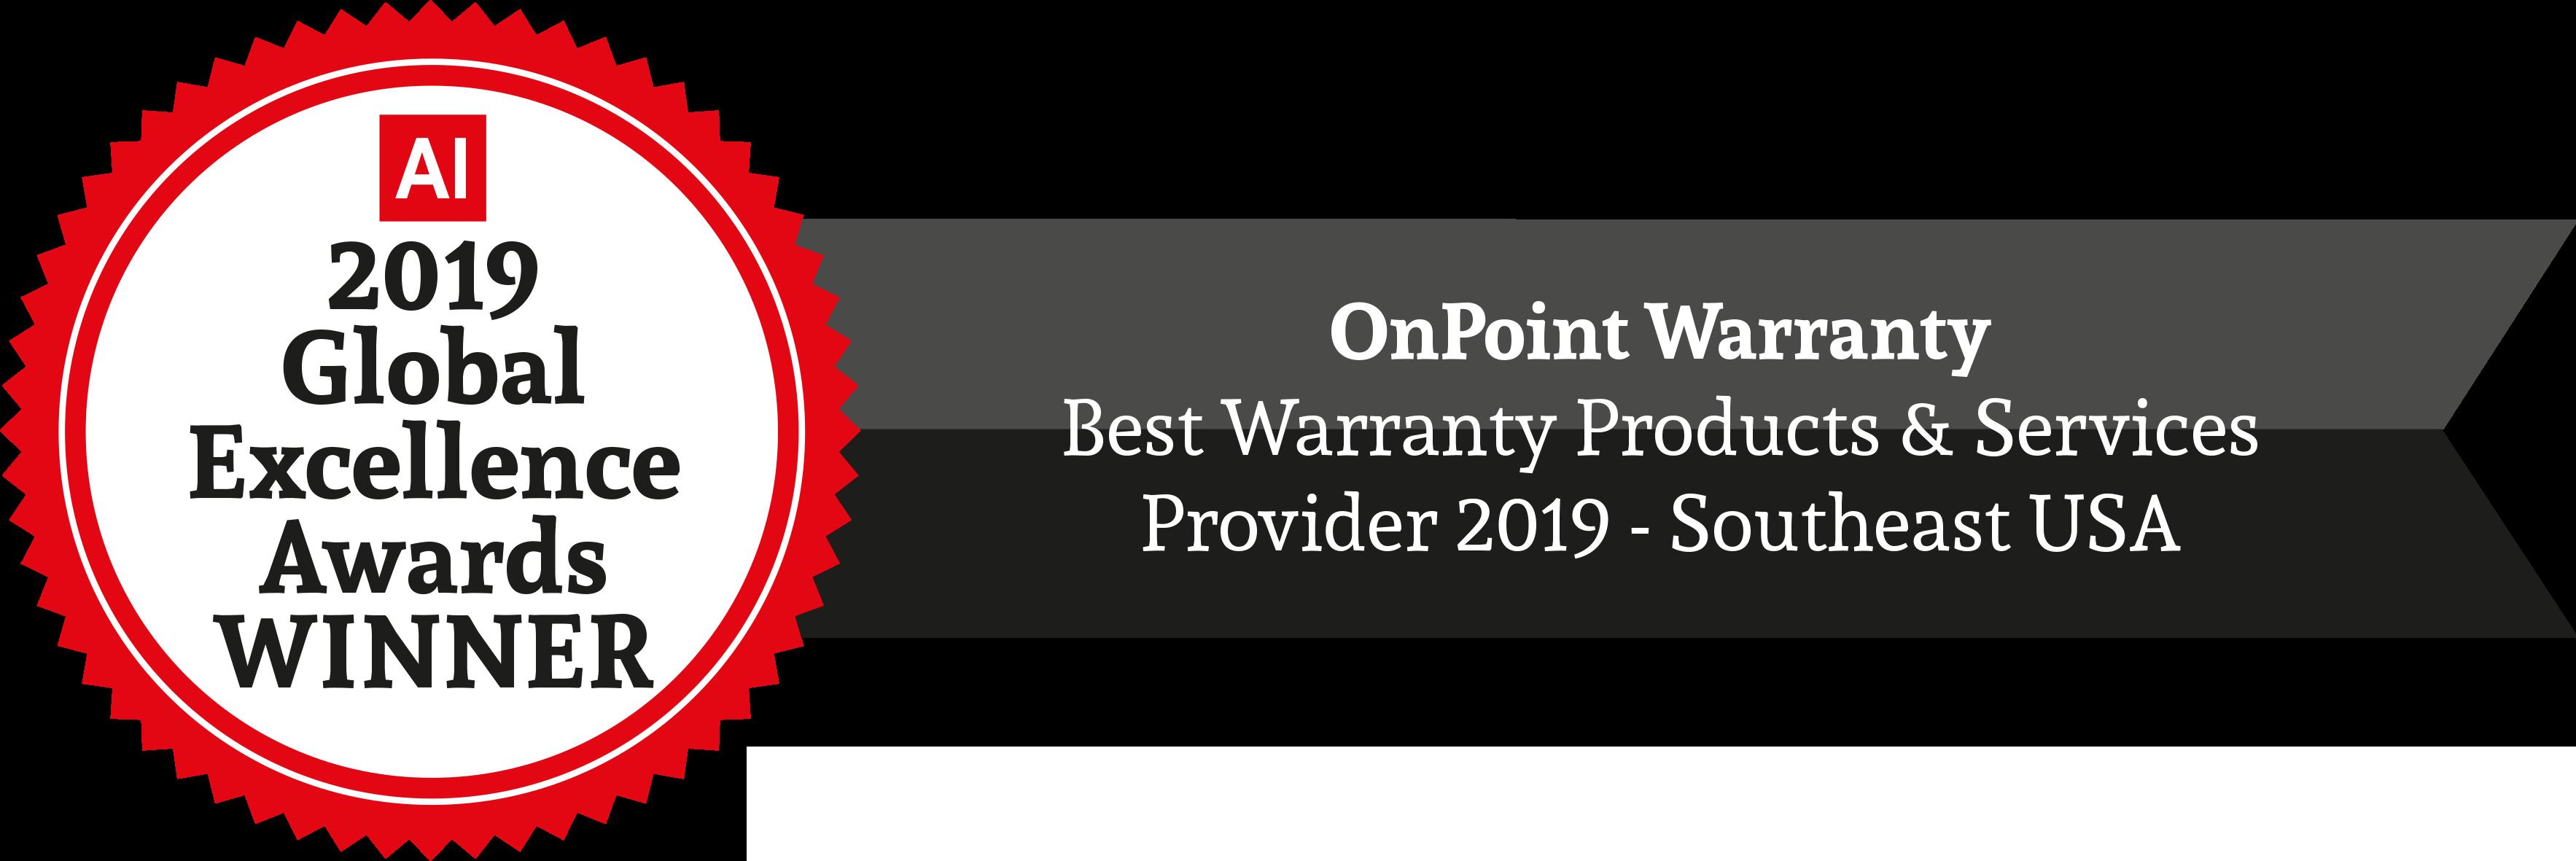 MAJun19328 - OnPoint Warranty Winners Logo-1